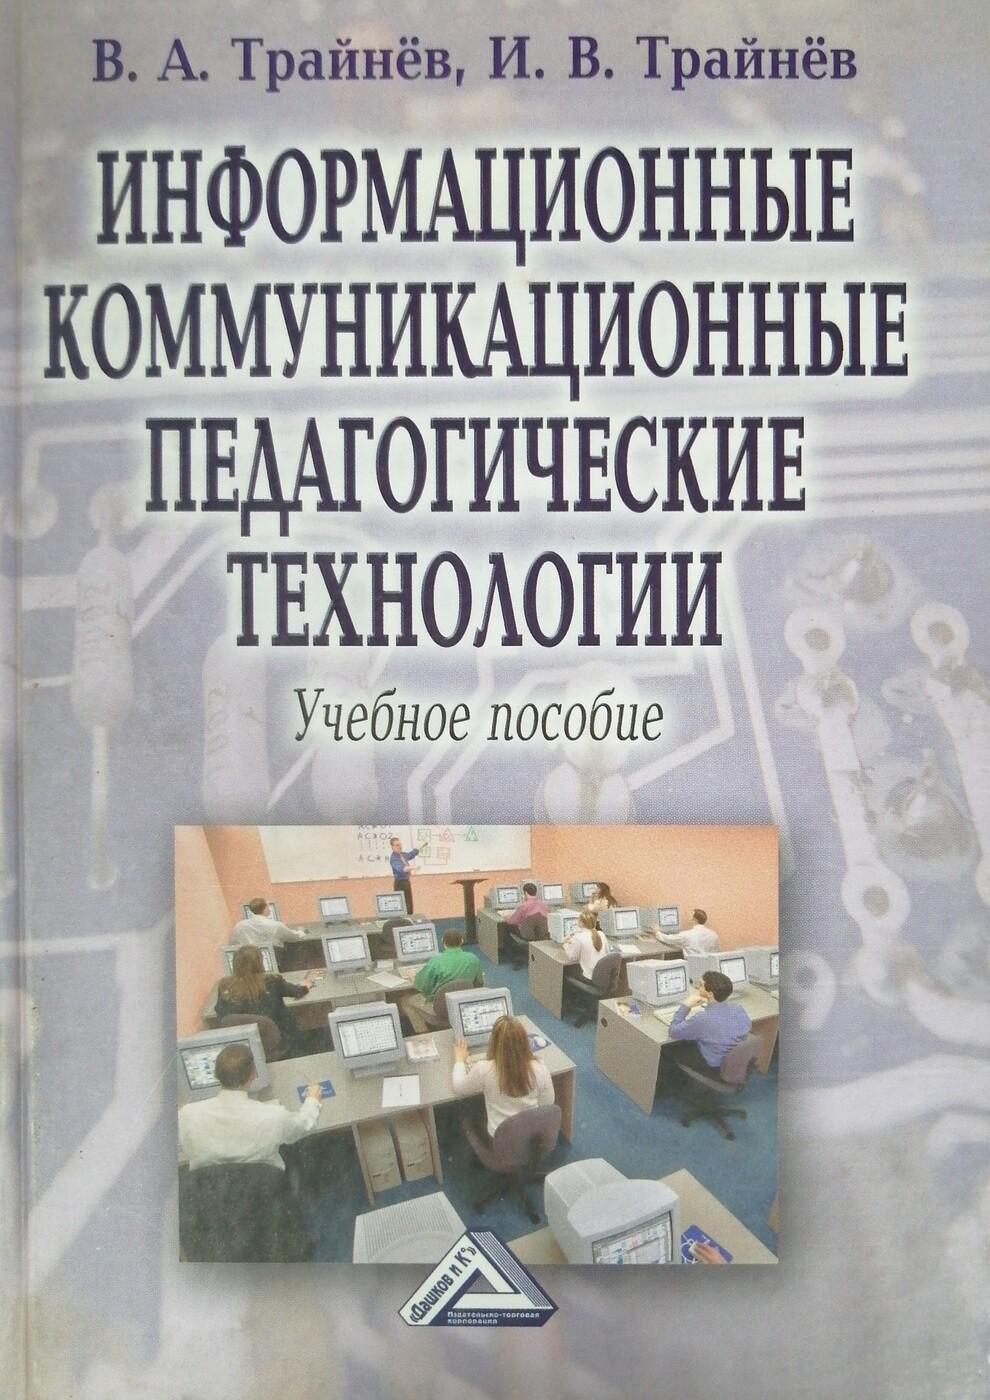 В. А. Трайнев, И. В. Трайнев. Информационные коммуникационные педагогические технологии